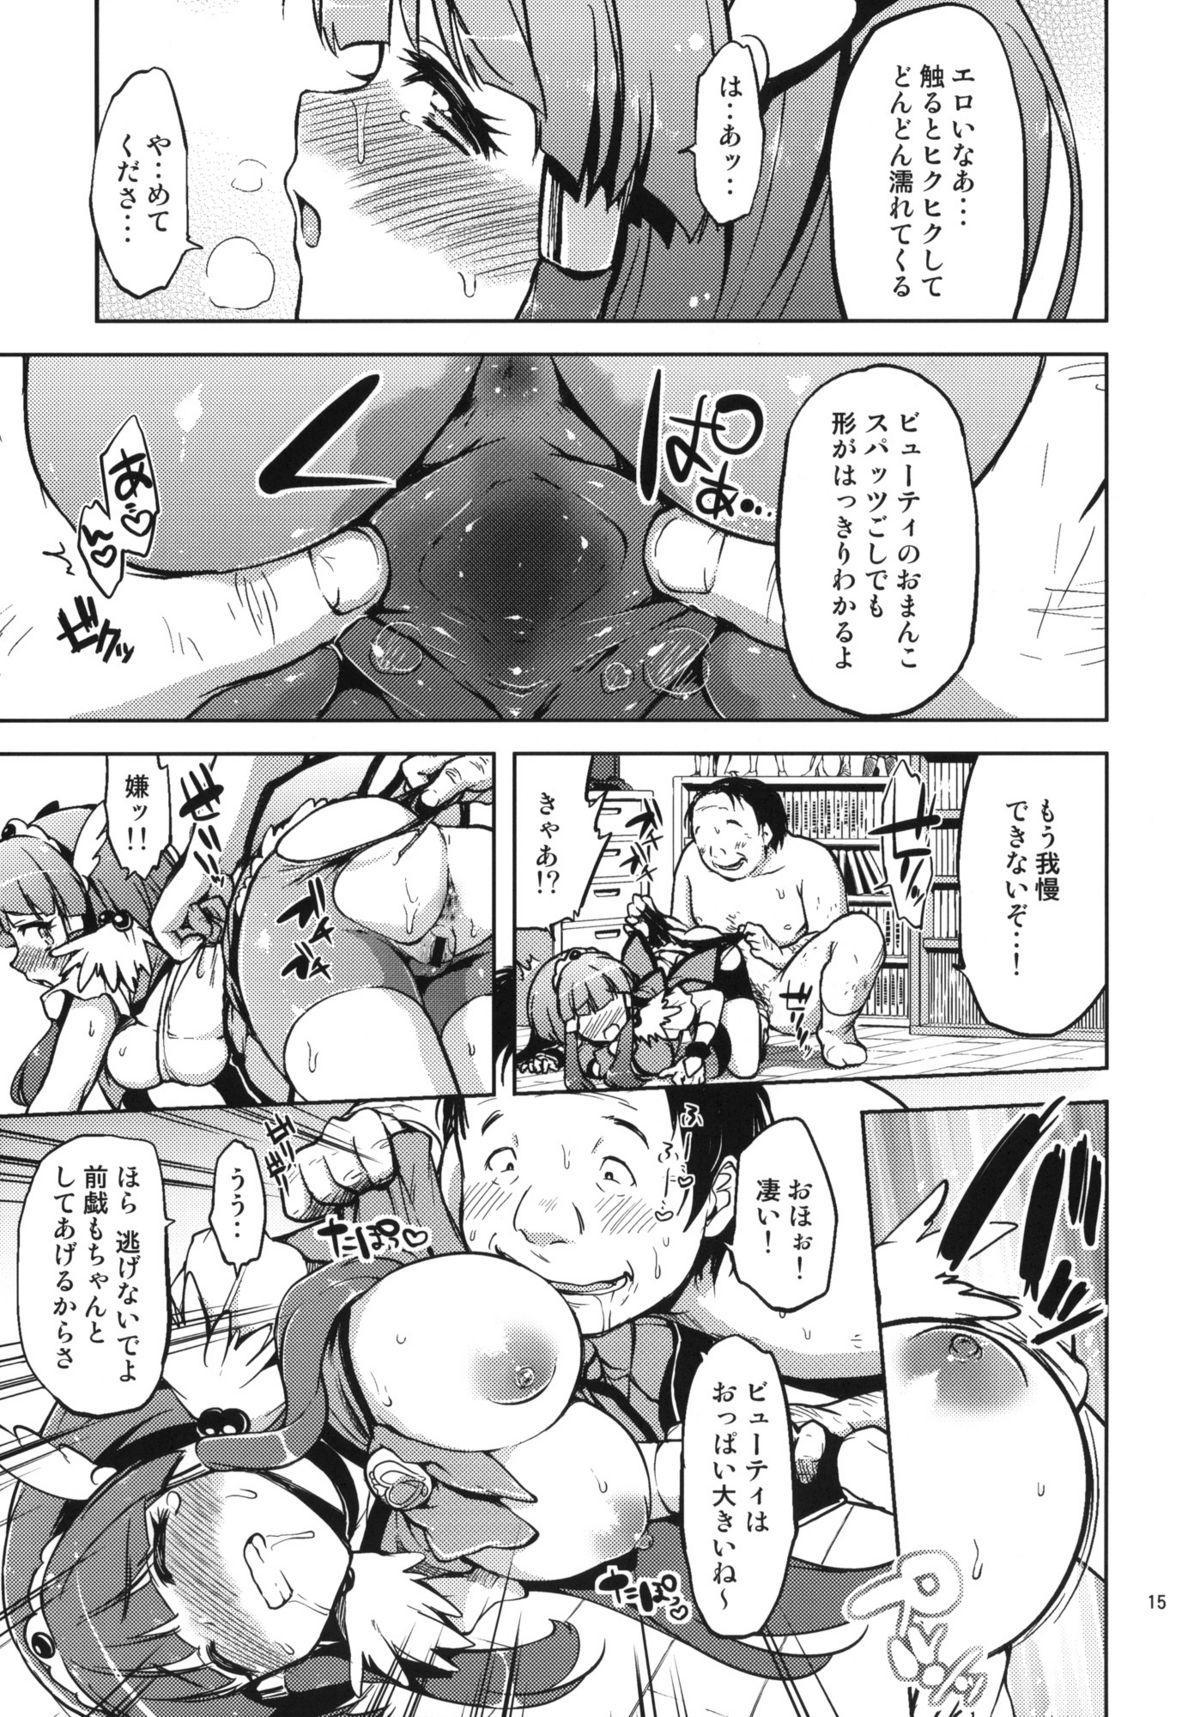 Ai no Nai Sex nado Watakushi ga Yurushimasen! 13